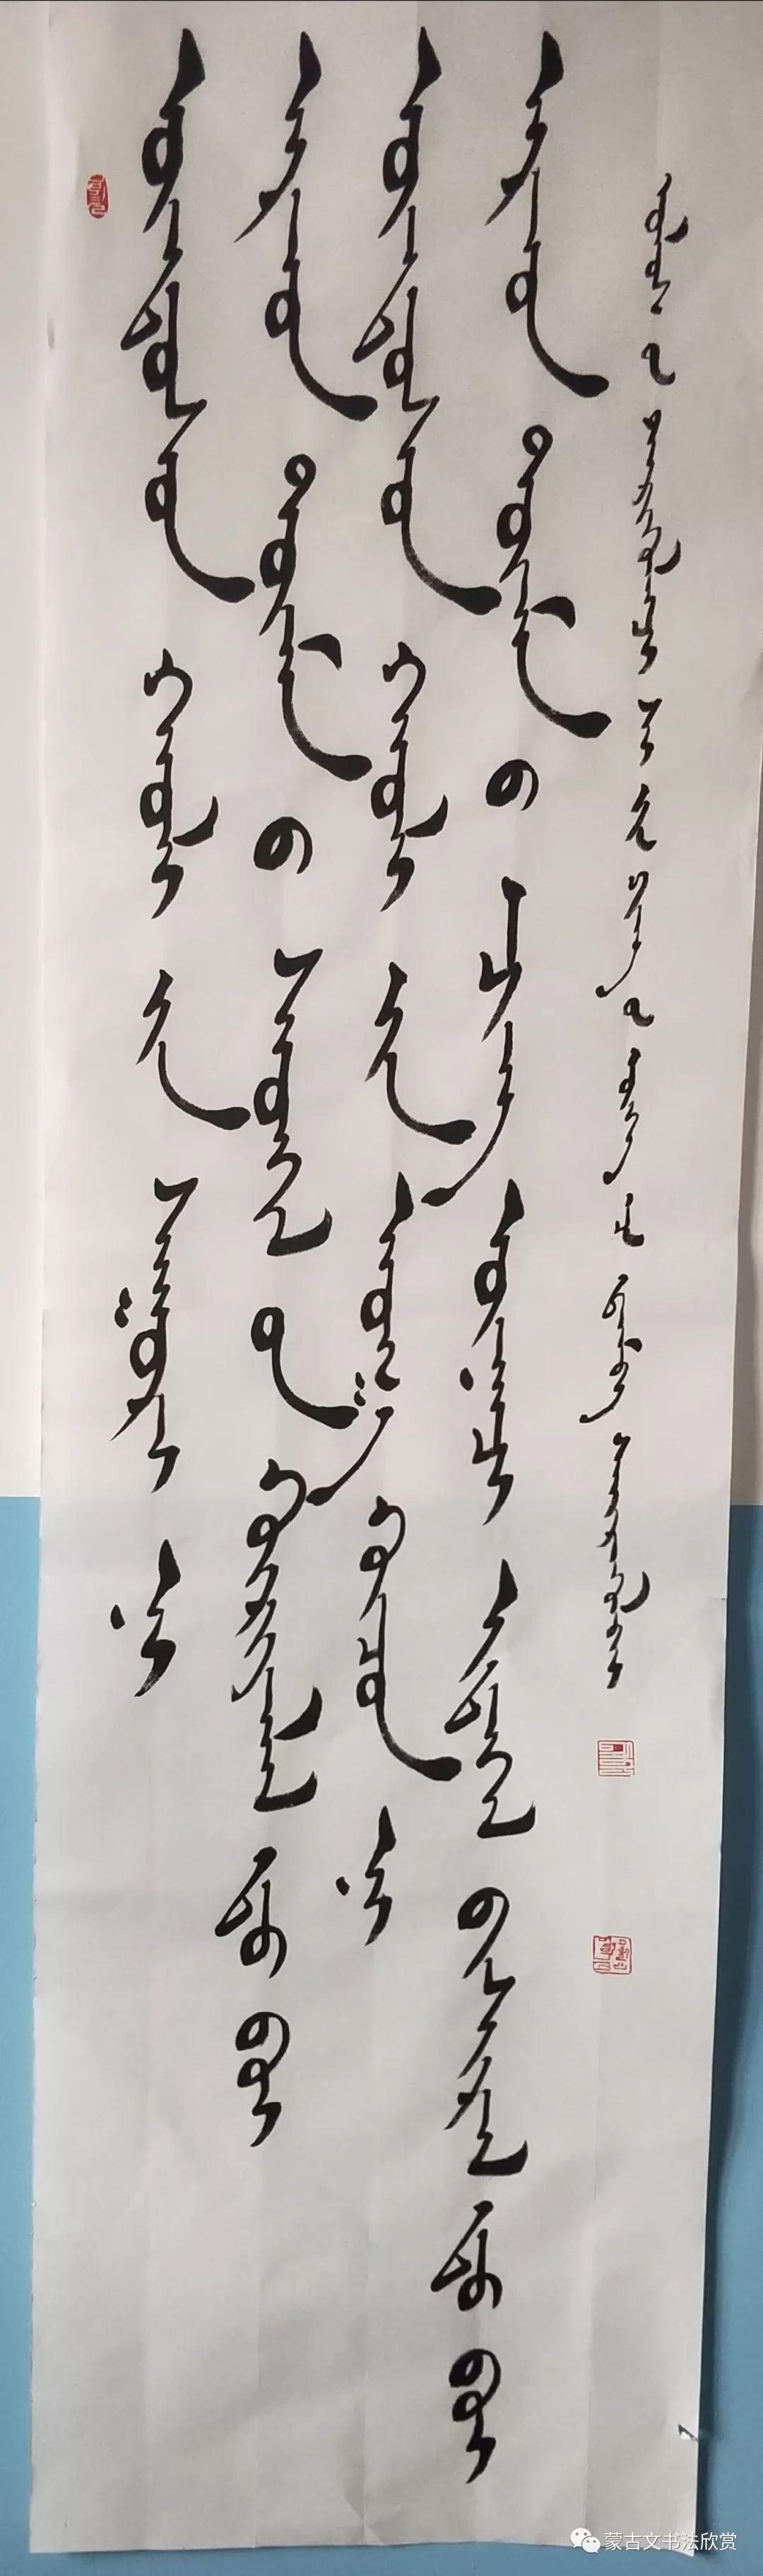 蒙古文书法欣赏——丹巴 第3张 蒙古文书法欣赏——丹巴 蒙古书法